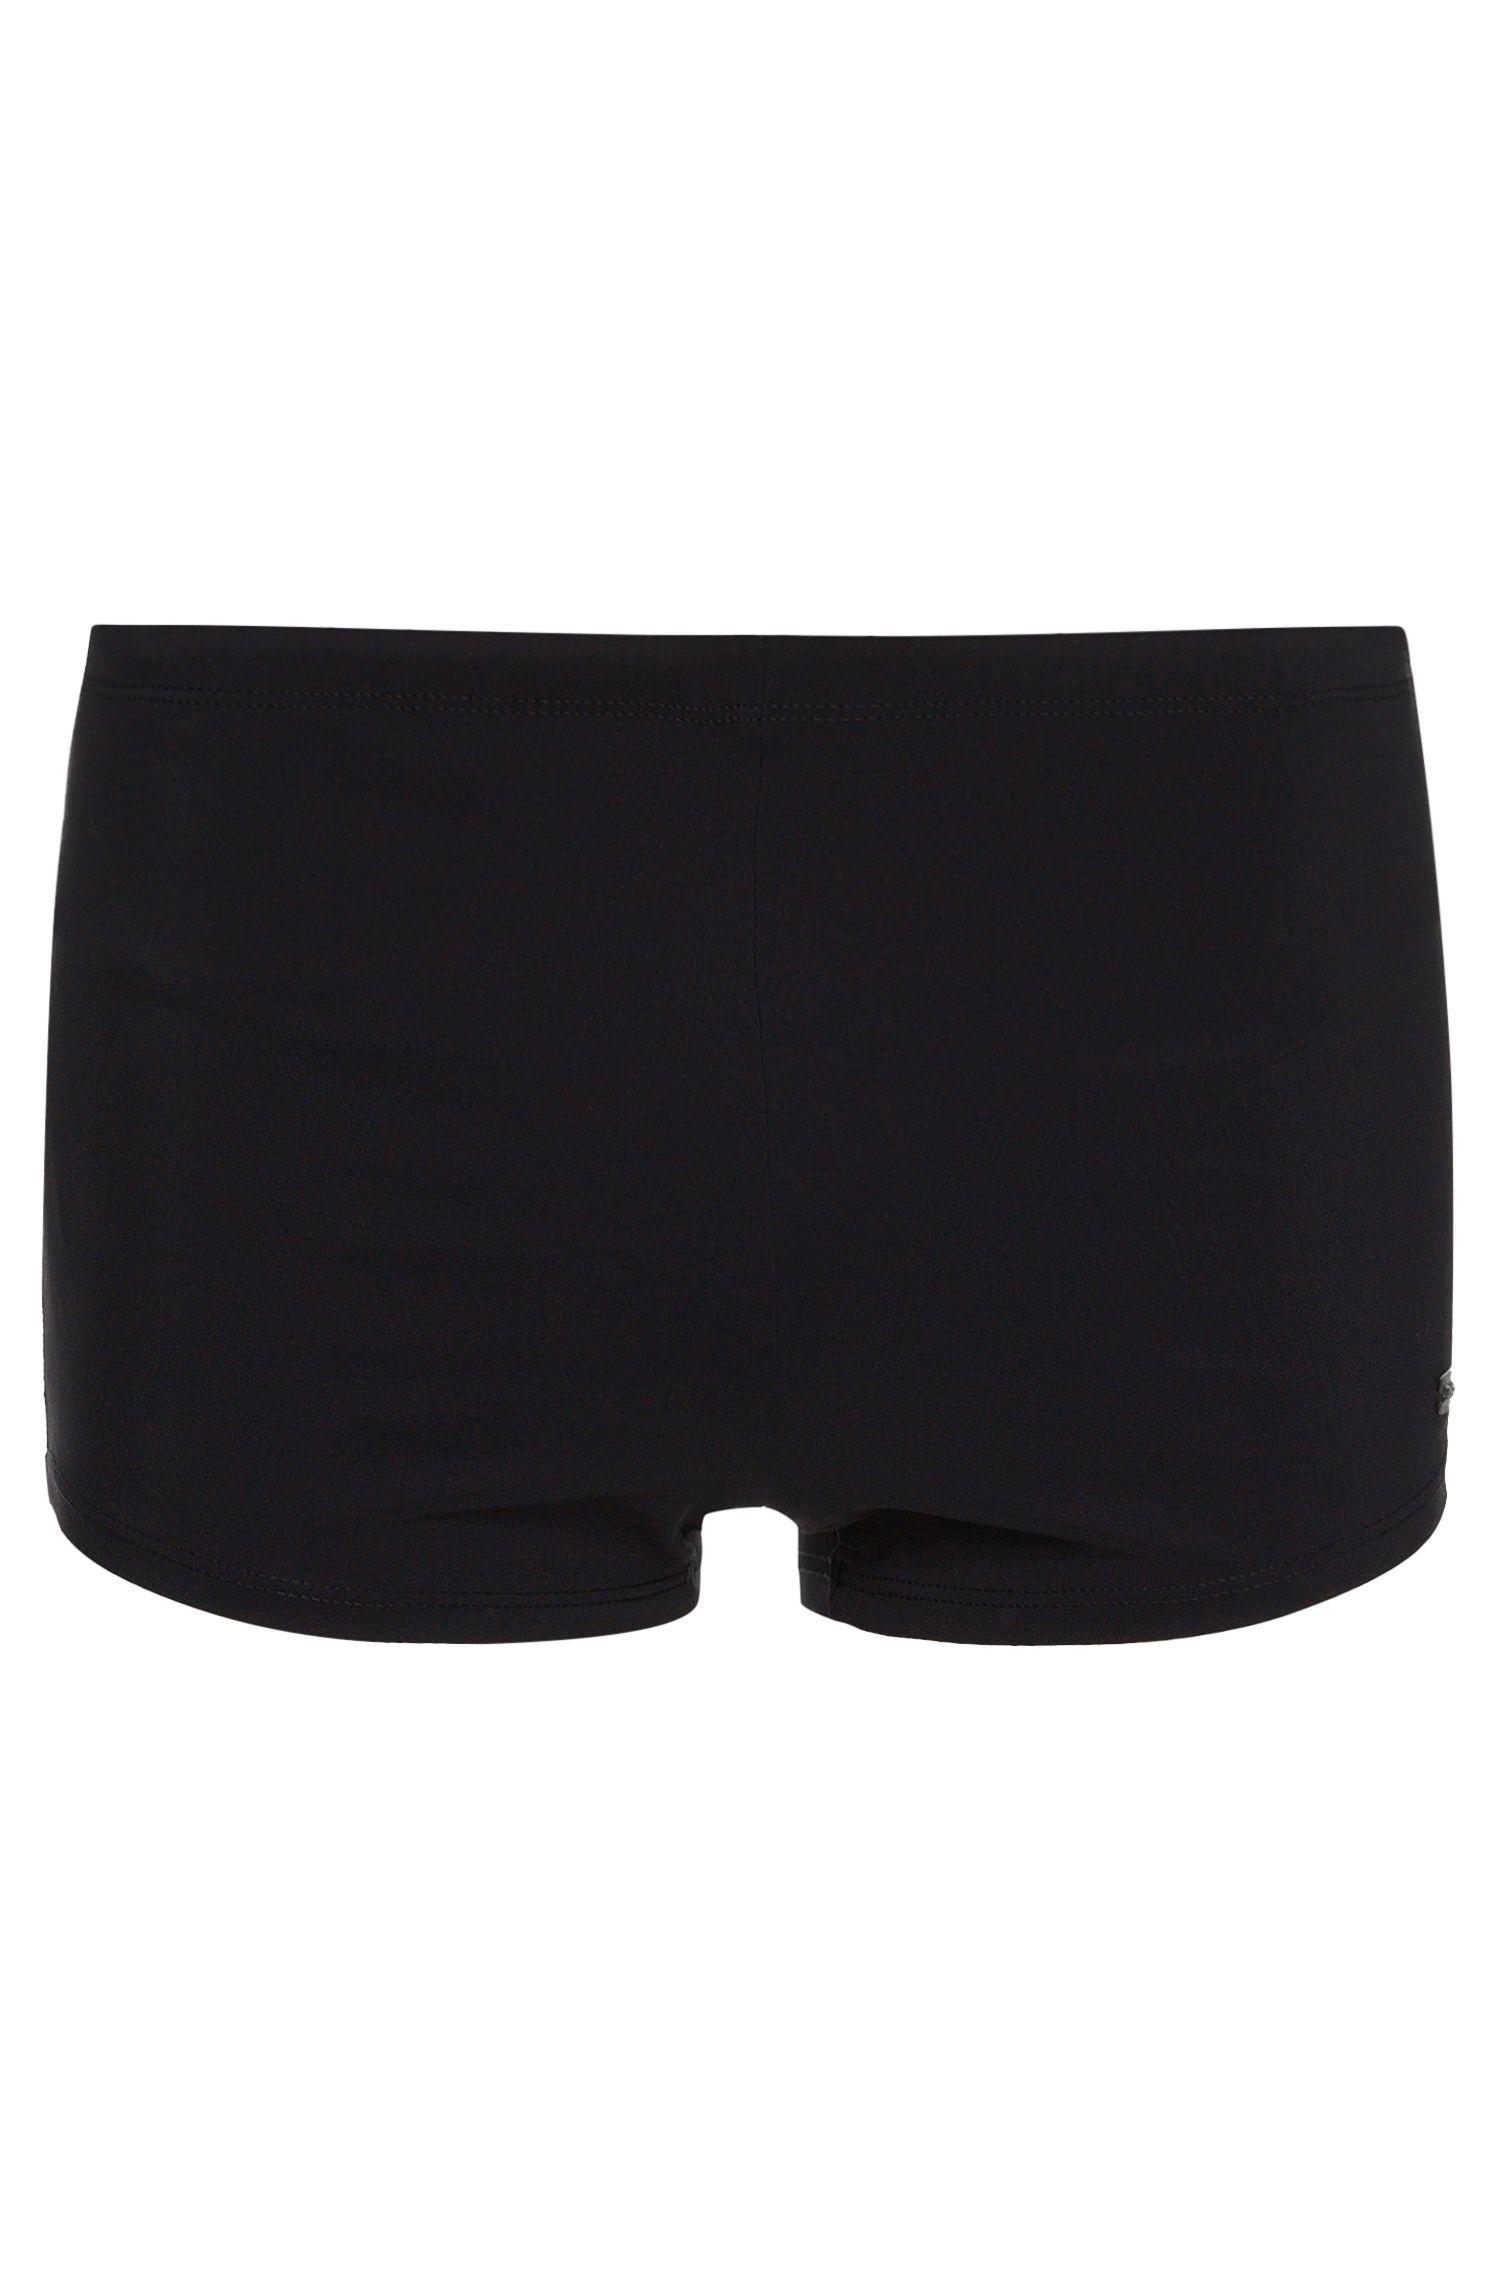 Bañador short con cordón en la cintura y placa con logo